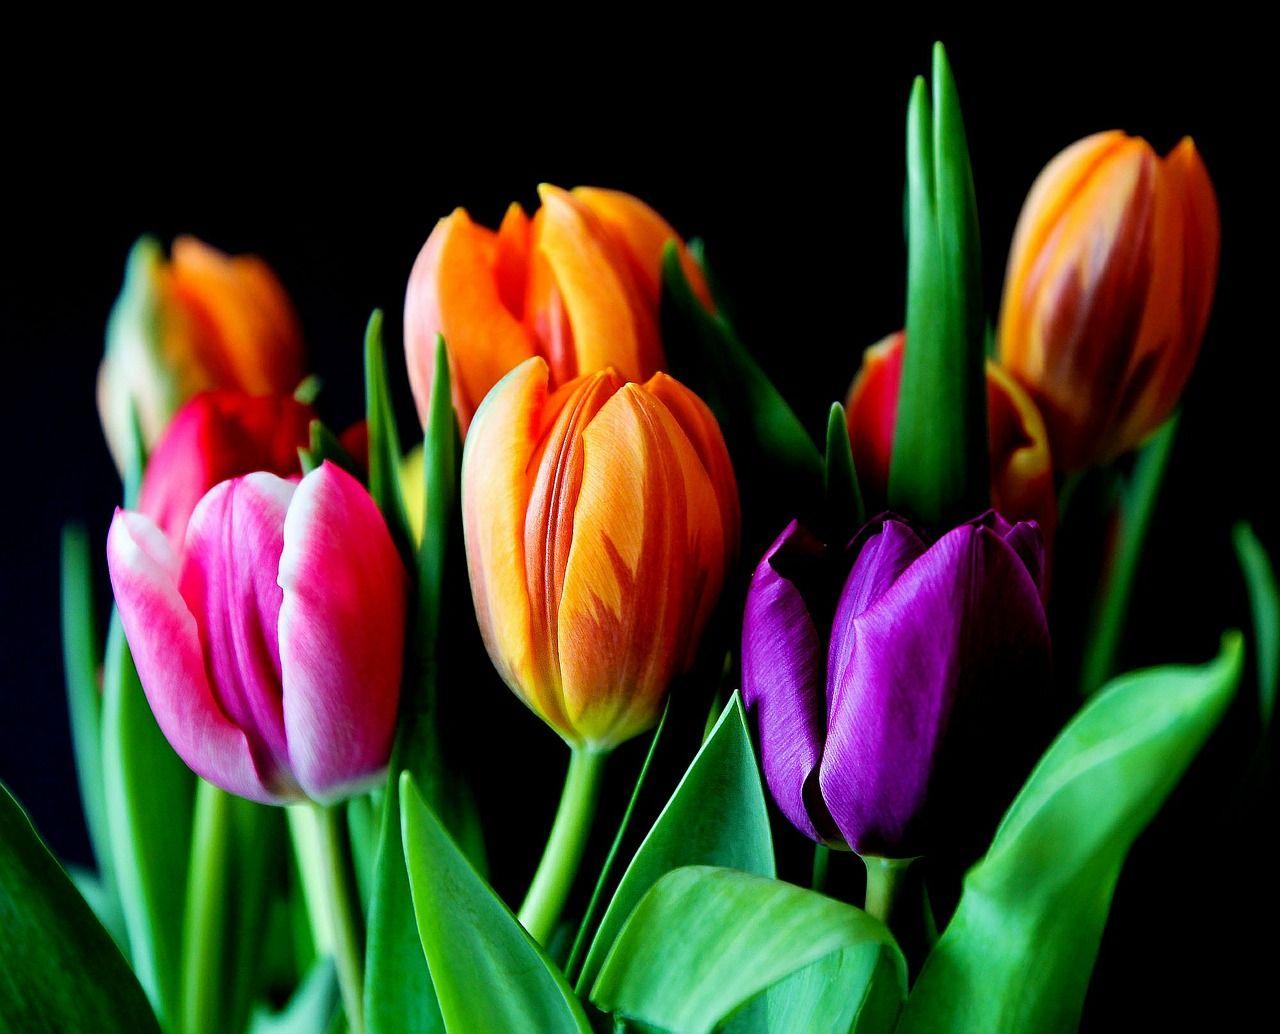 Piantare I Bulbi Di Tulipani tulipani: come piantare i bulbi e far crescere questi